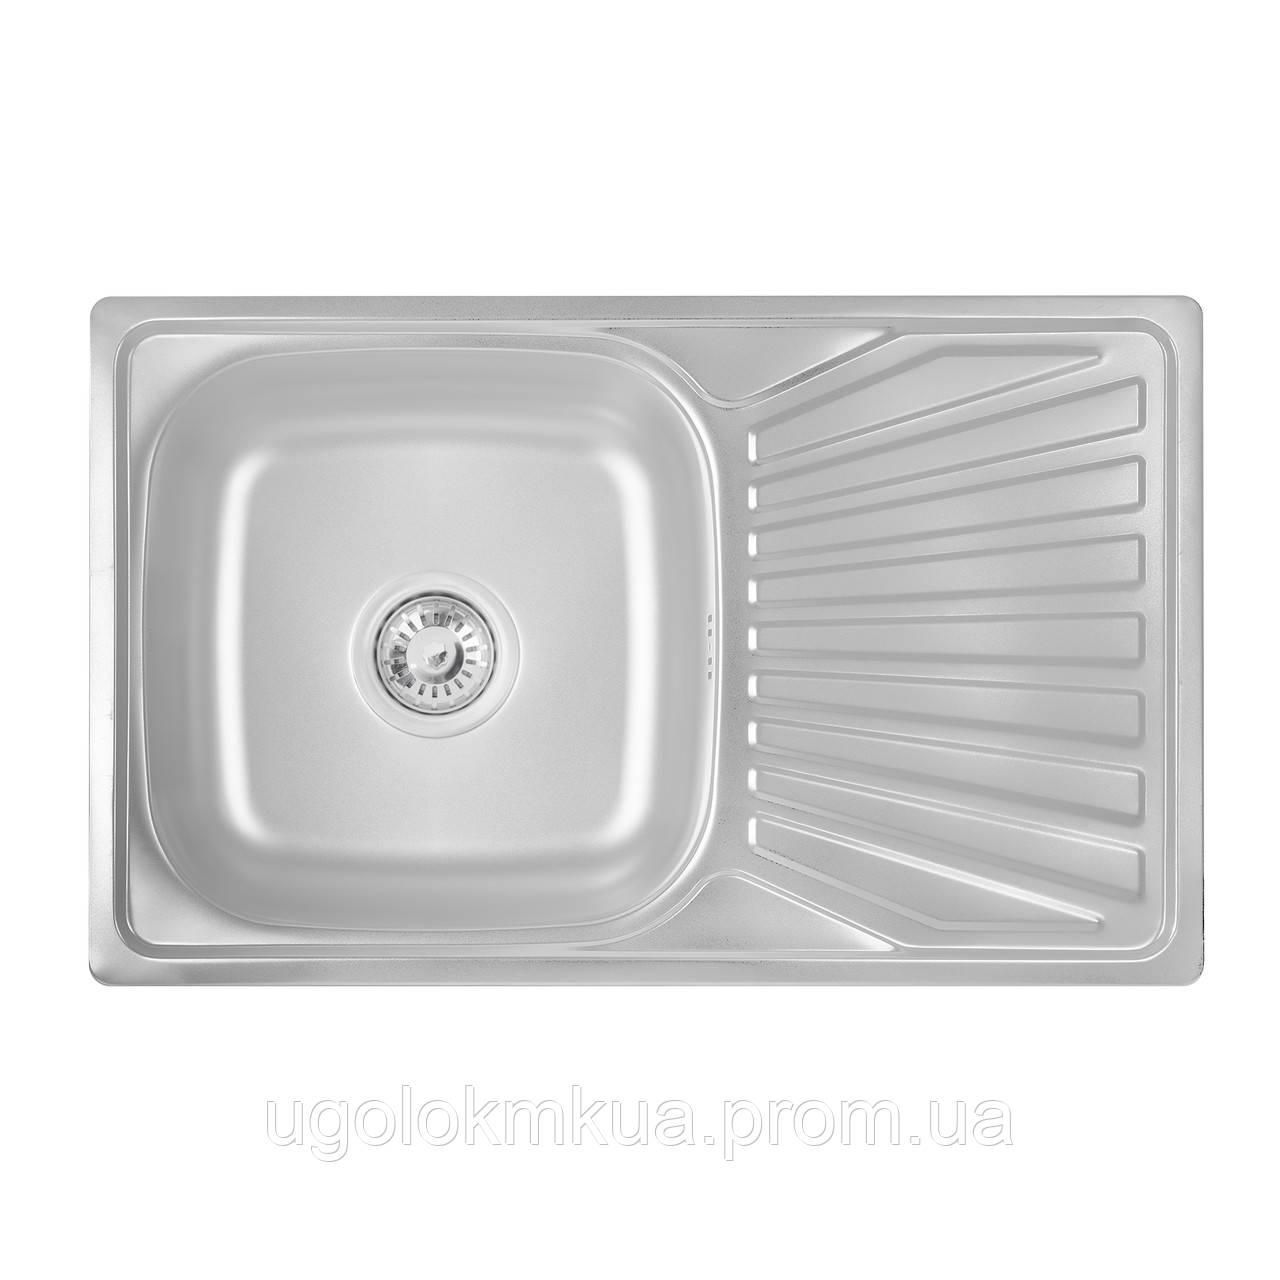 Кухонна мийка Lidz 7848 Satin 0,8 мм (LIDZ7848SAT)